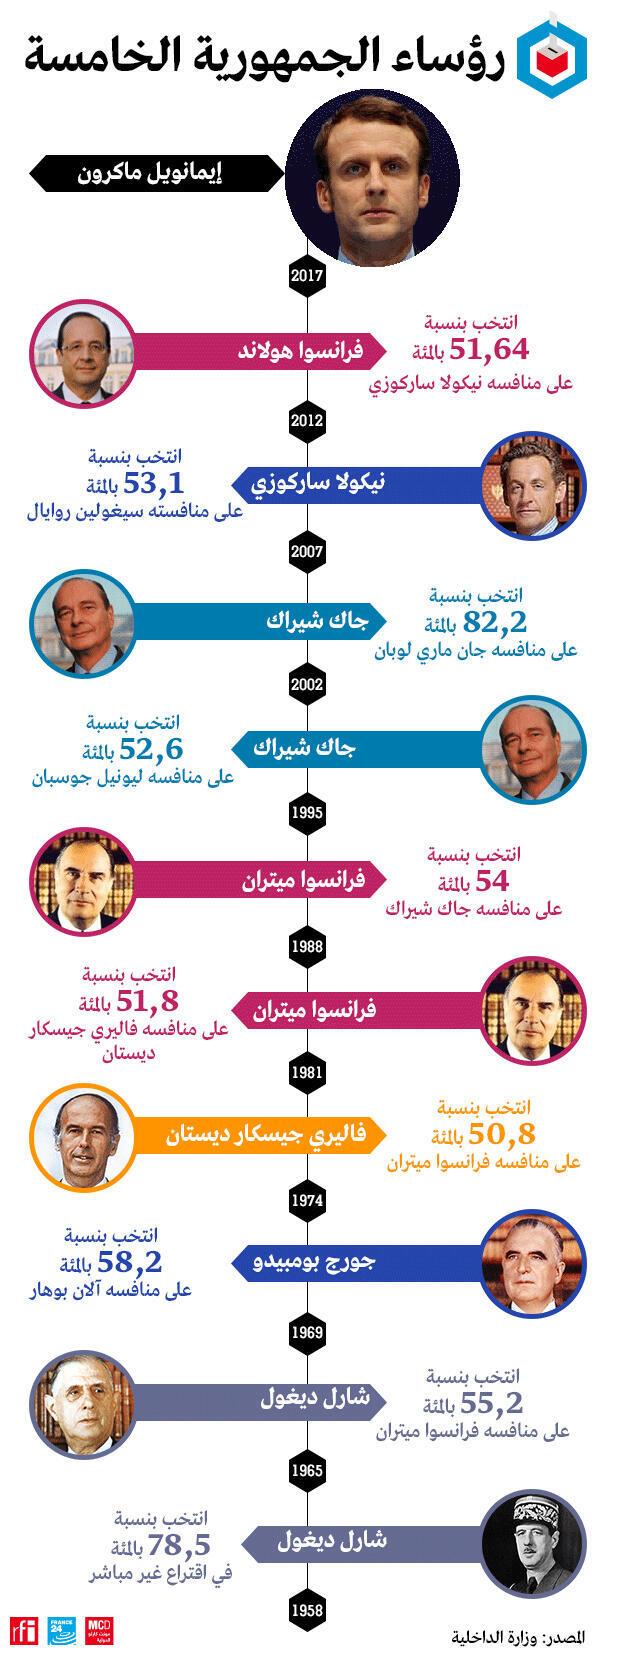 من هم رؤساء الجمهورية الفرنسية الخامسة وبأي نسبة تم انتخابهم ؟